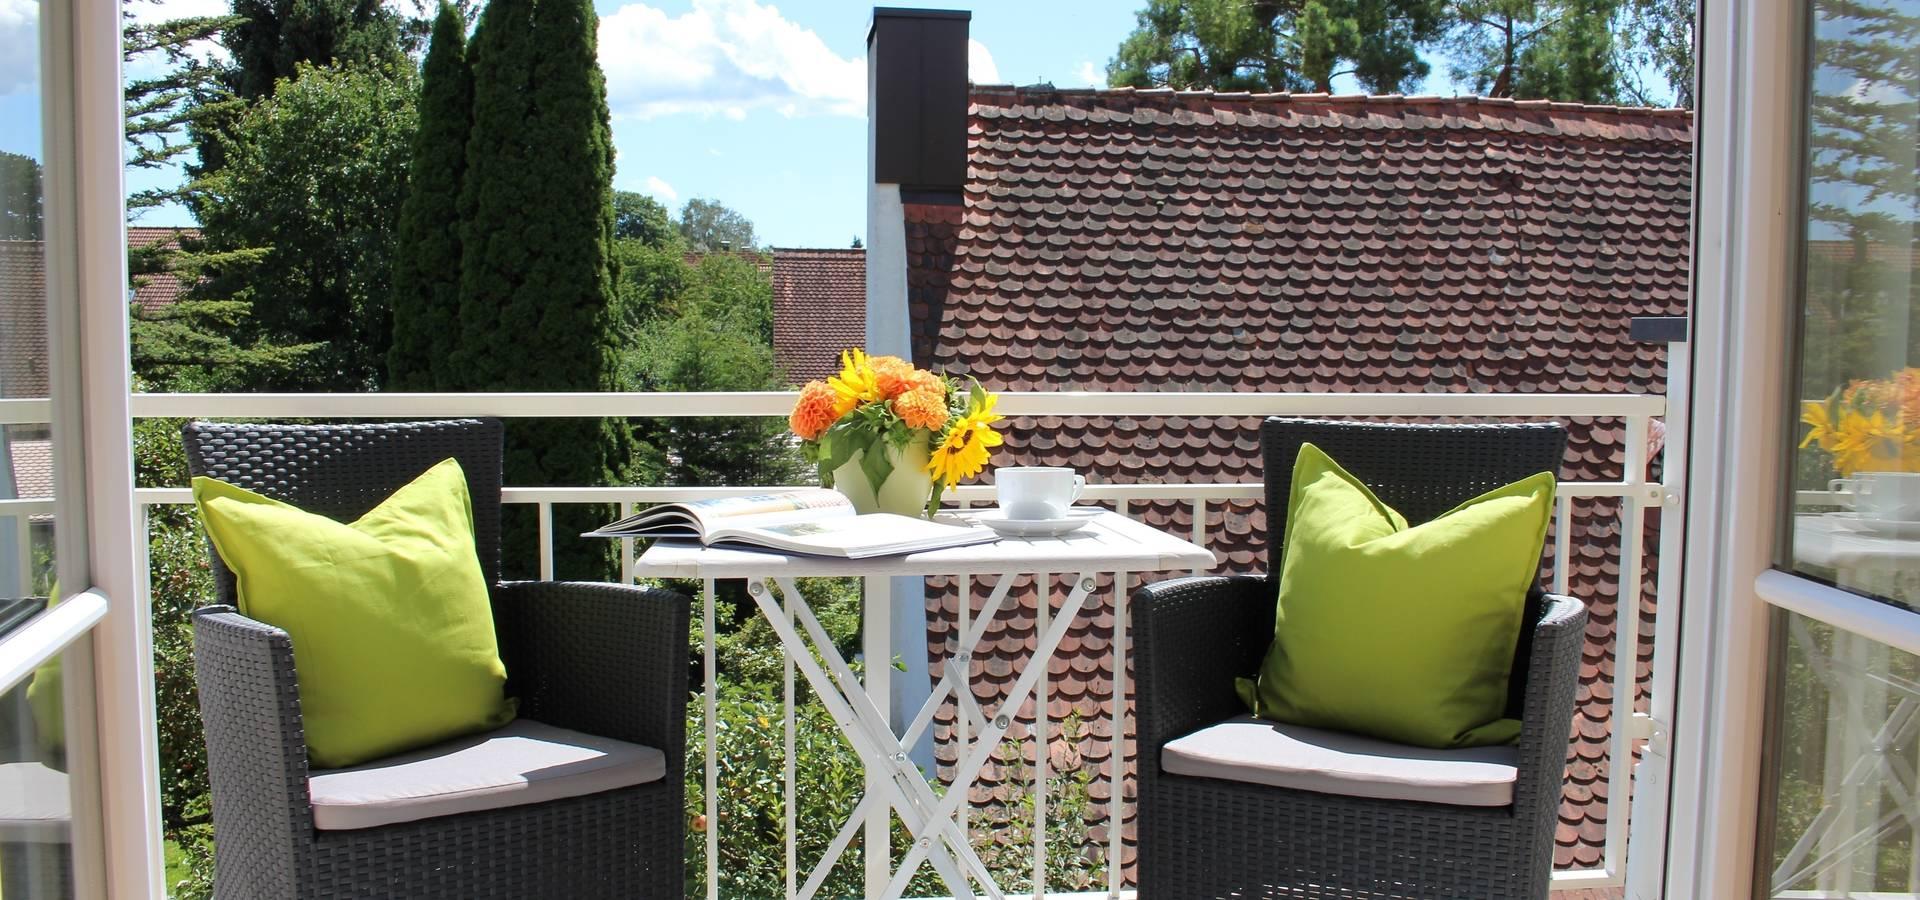 Liebenswert Homestaging München Referenz Von Jaqueline Platzer Immobilien & Home Staging